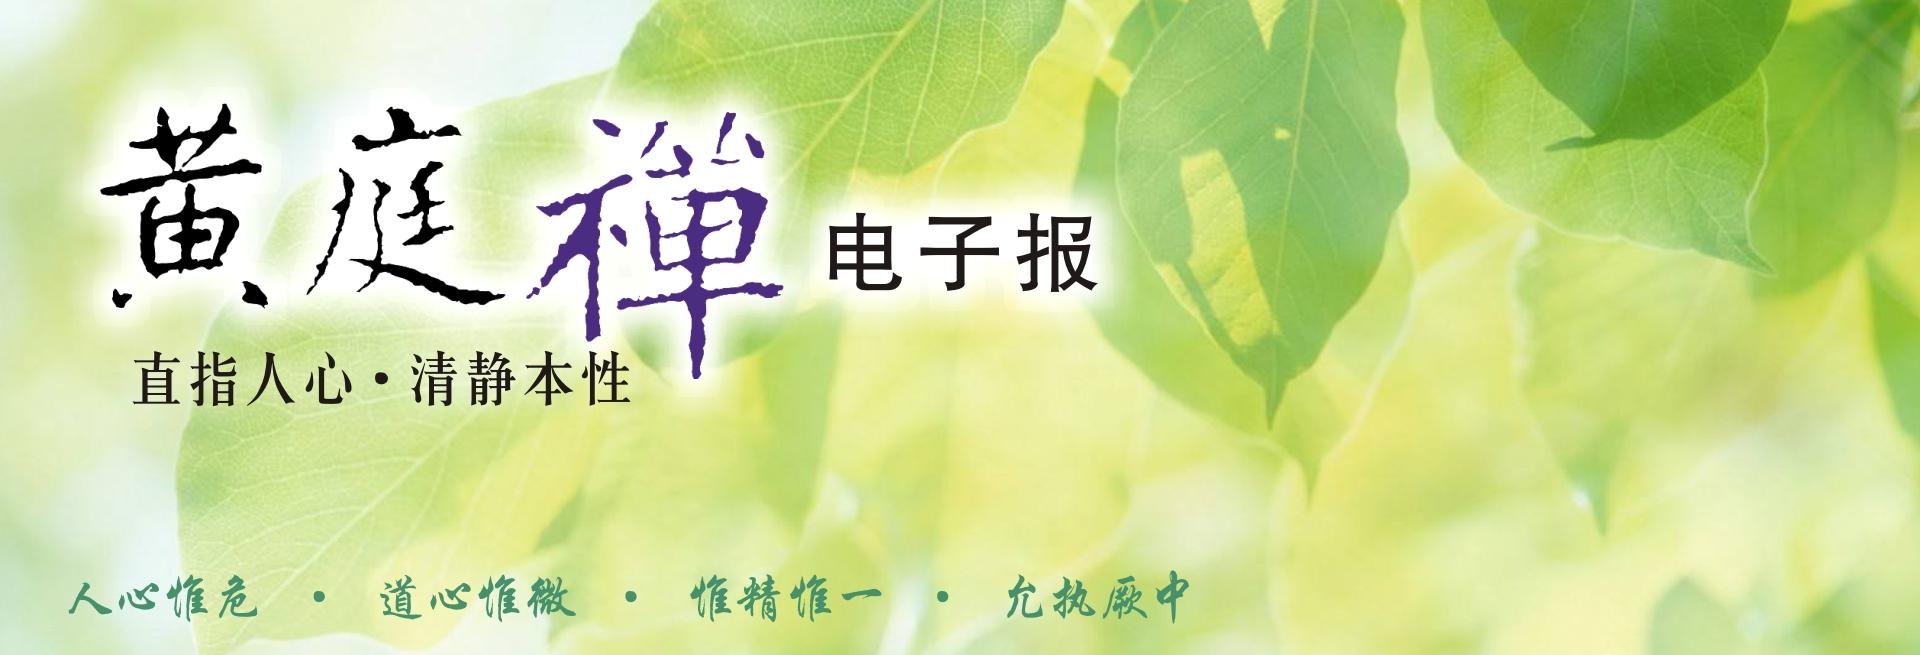 中華黃庭禪學會2019.05.31電子報